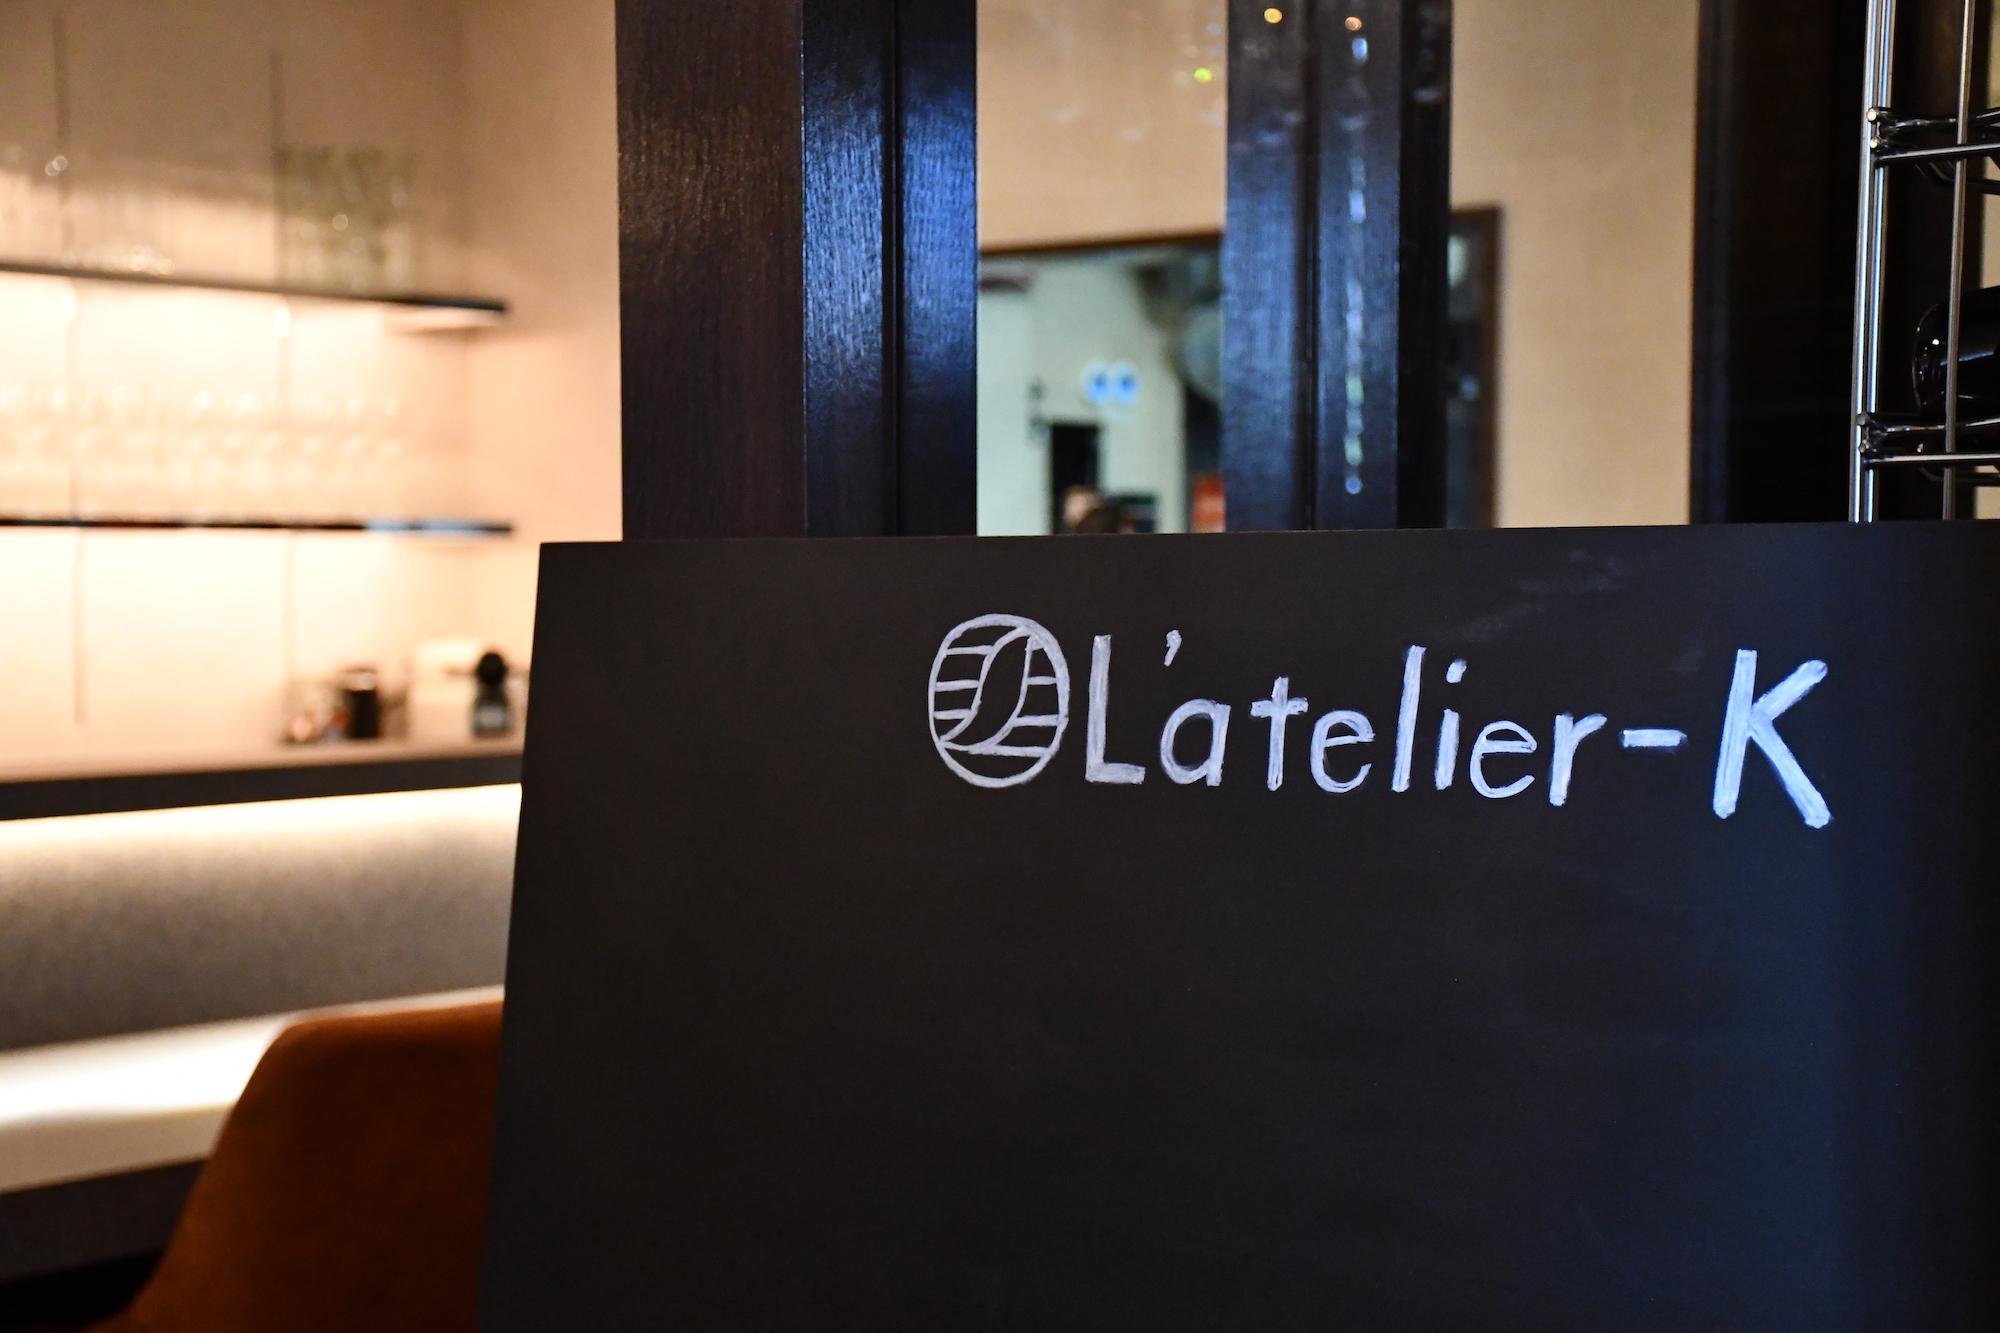 旭川 ラトリエK/Latelier-k 2019/9/13 オープン